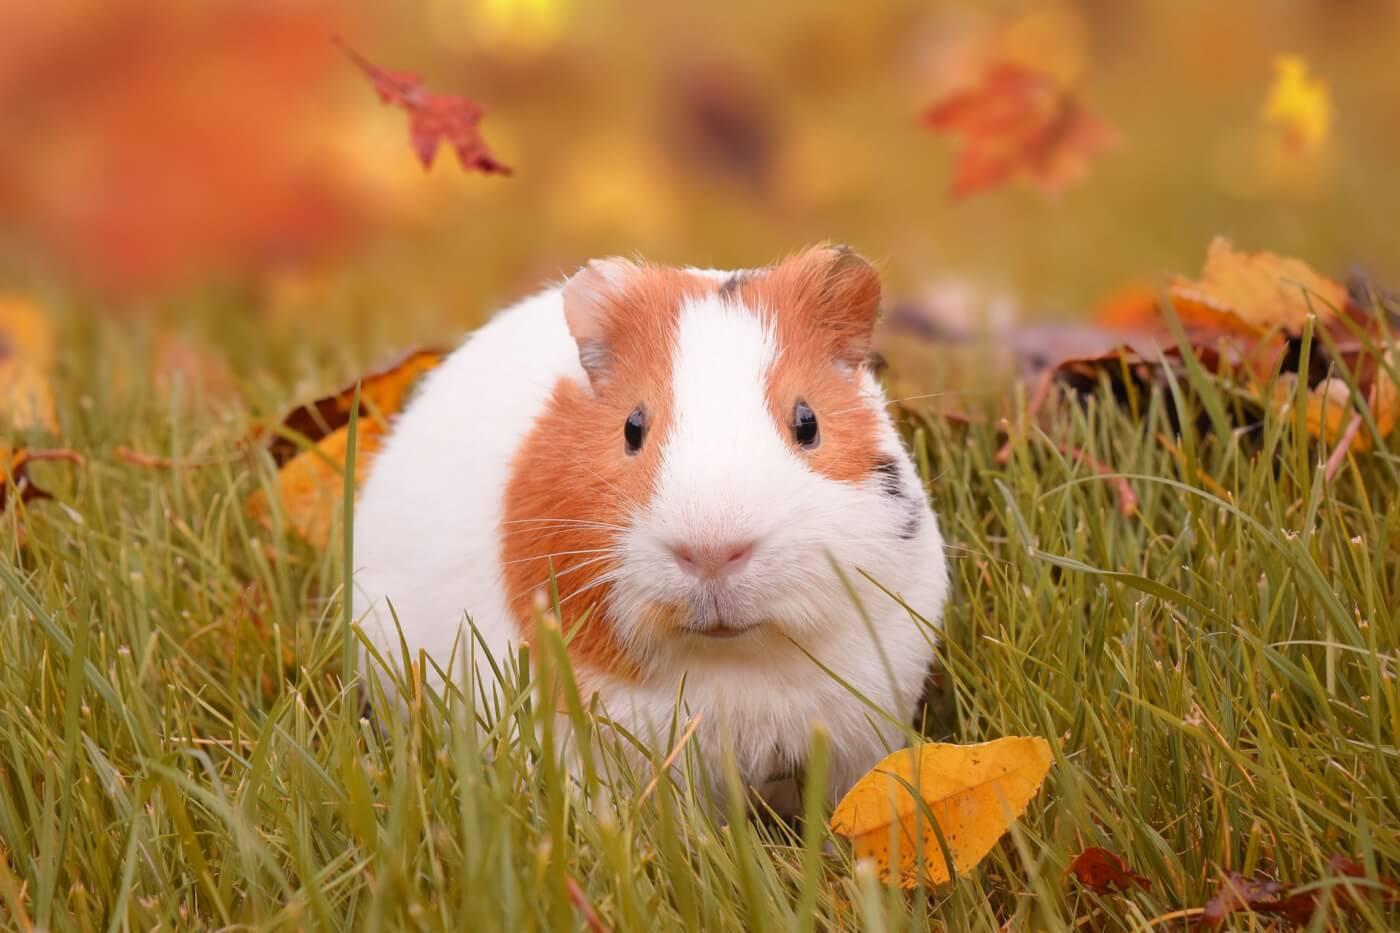 guinea pig bureau of Indian standards